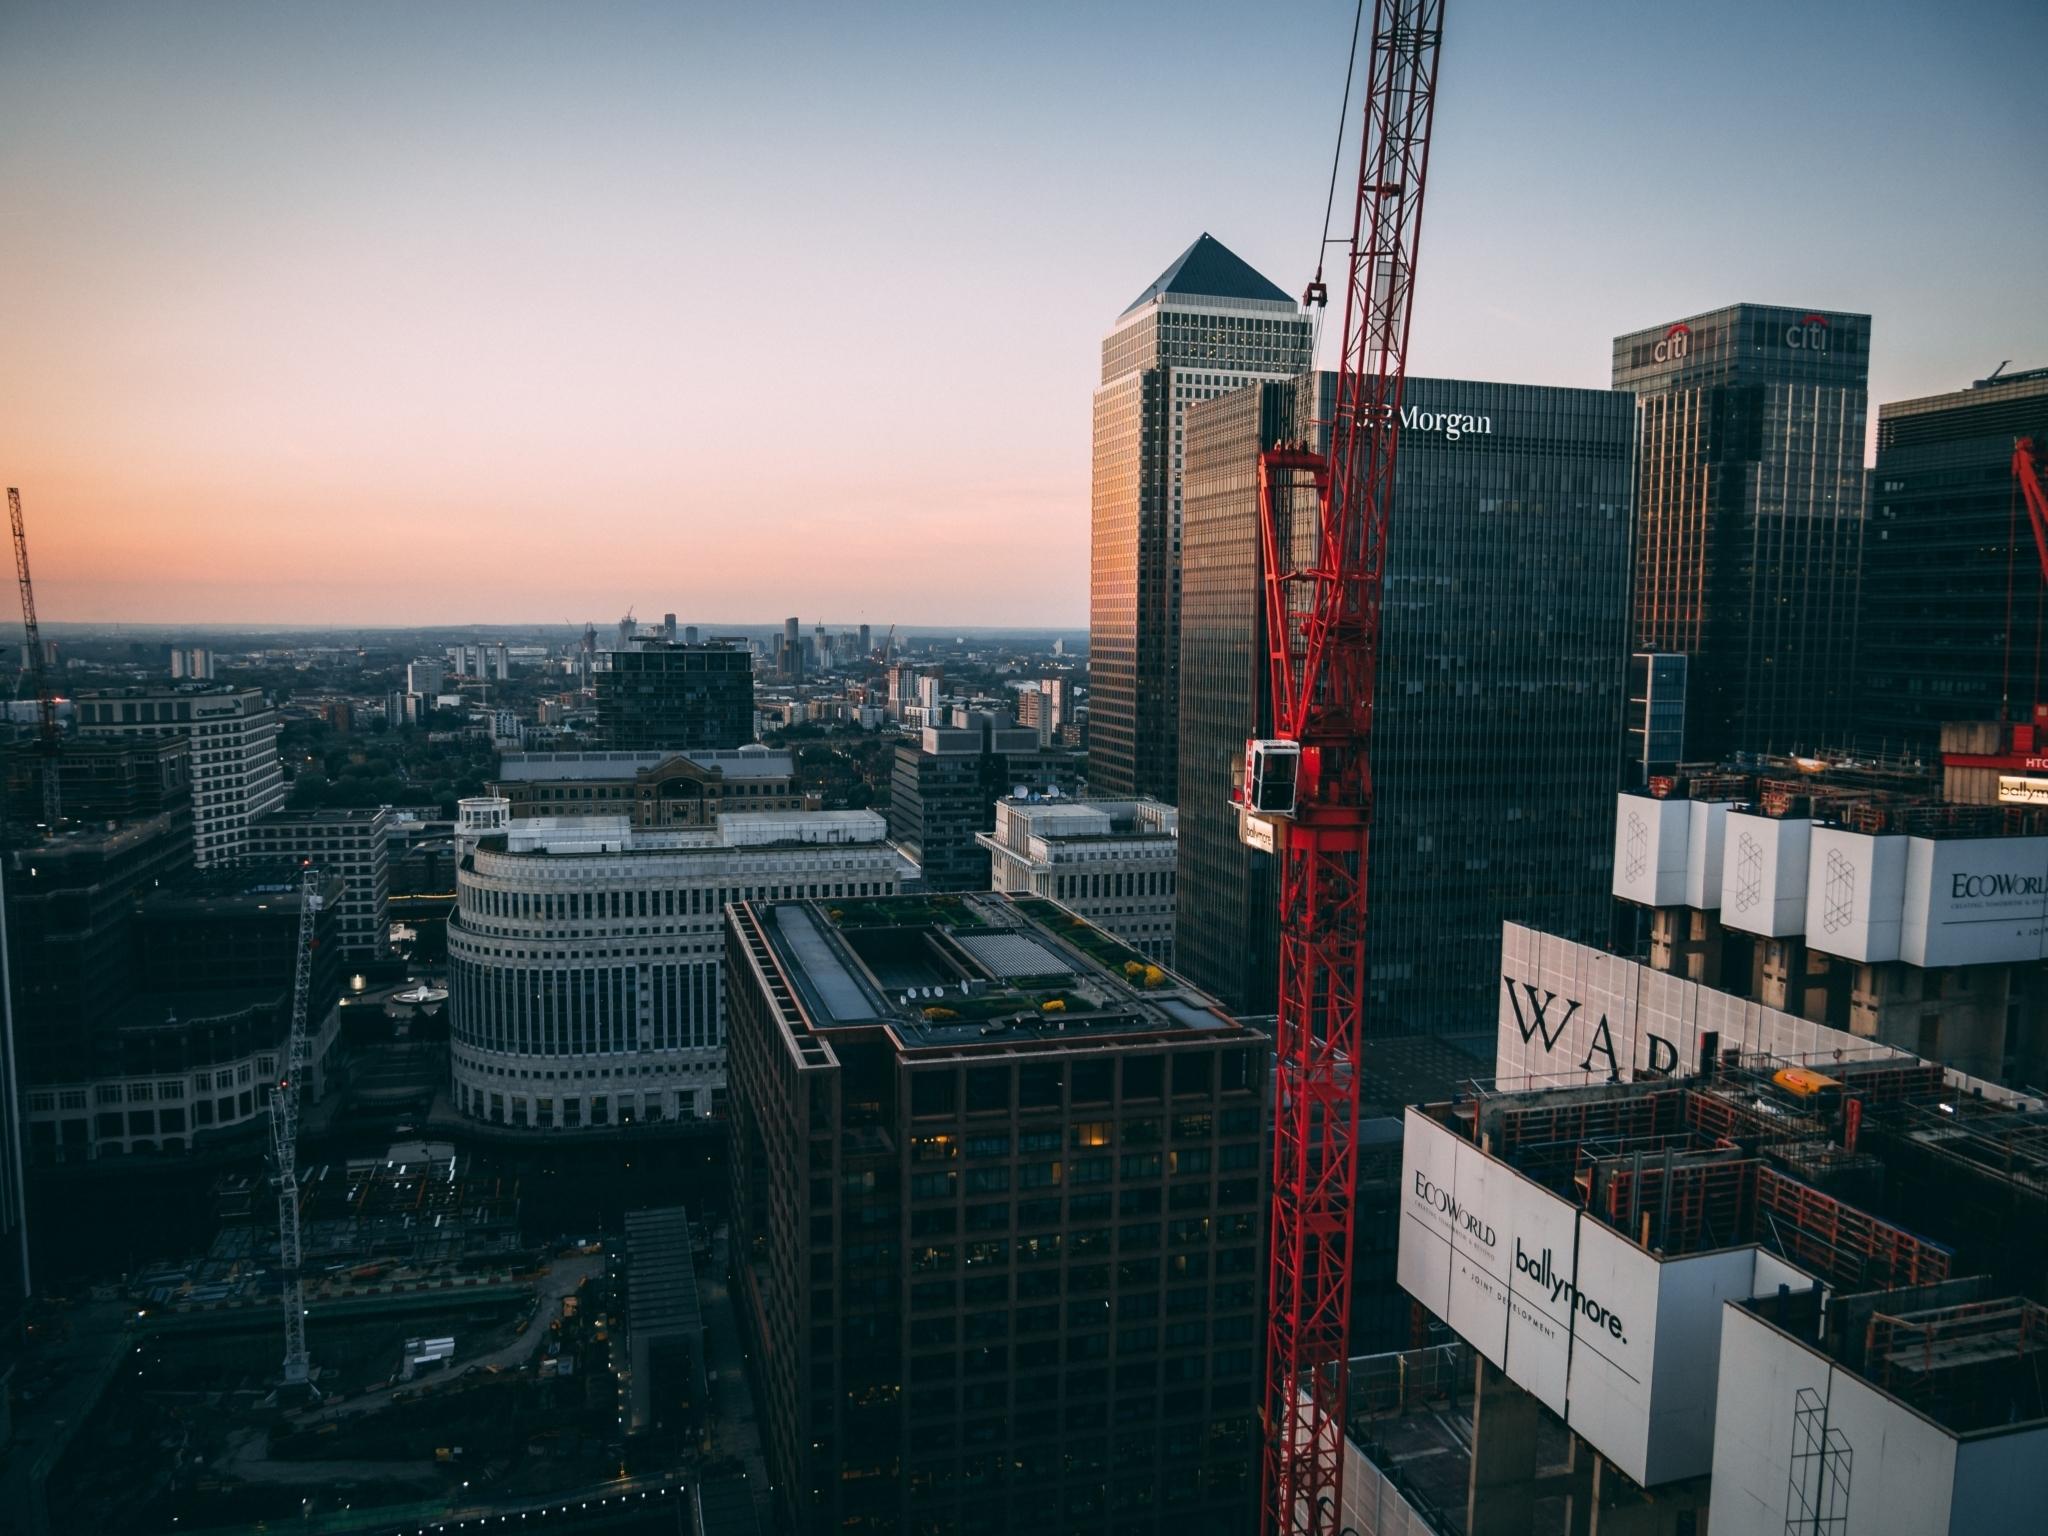 Canary Wharf crane